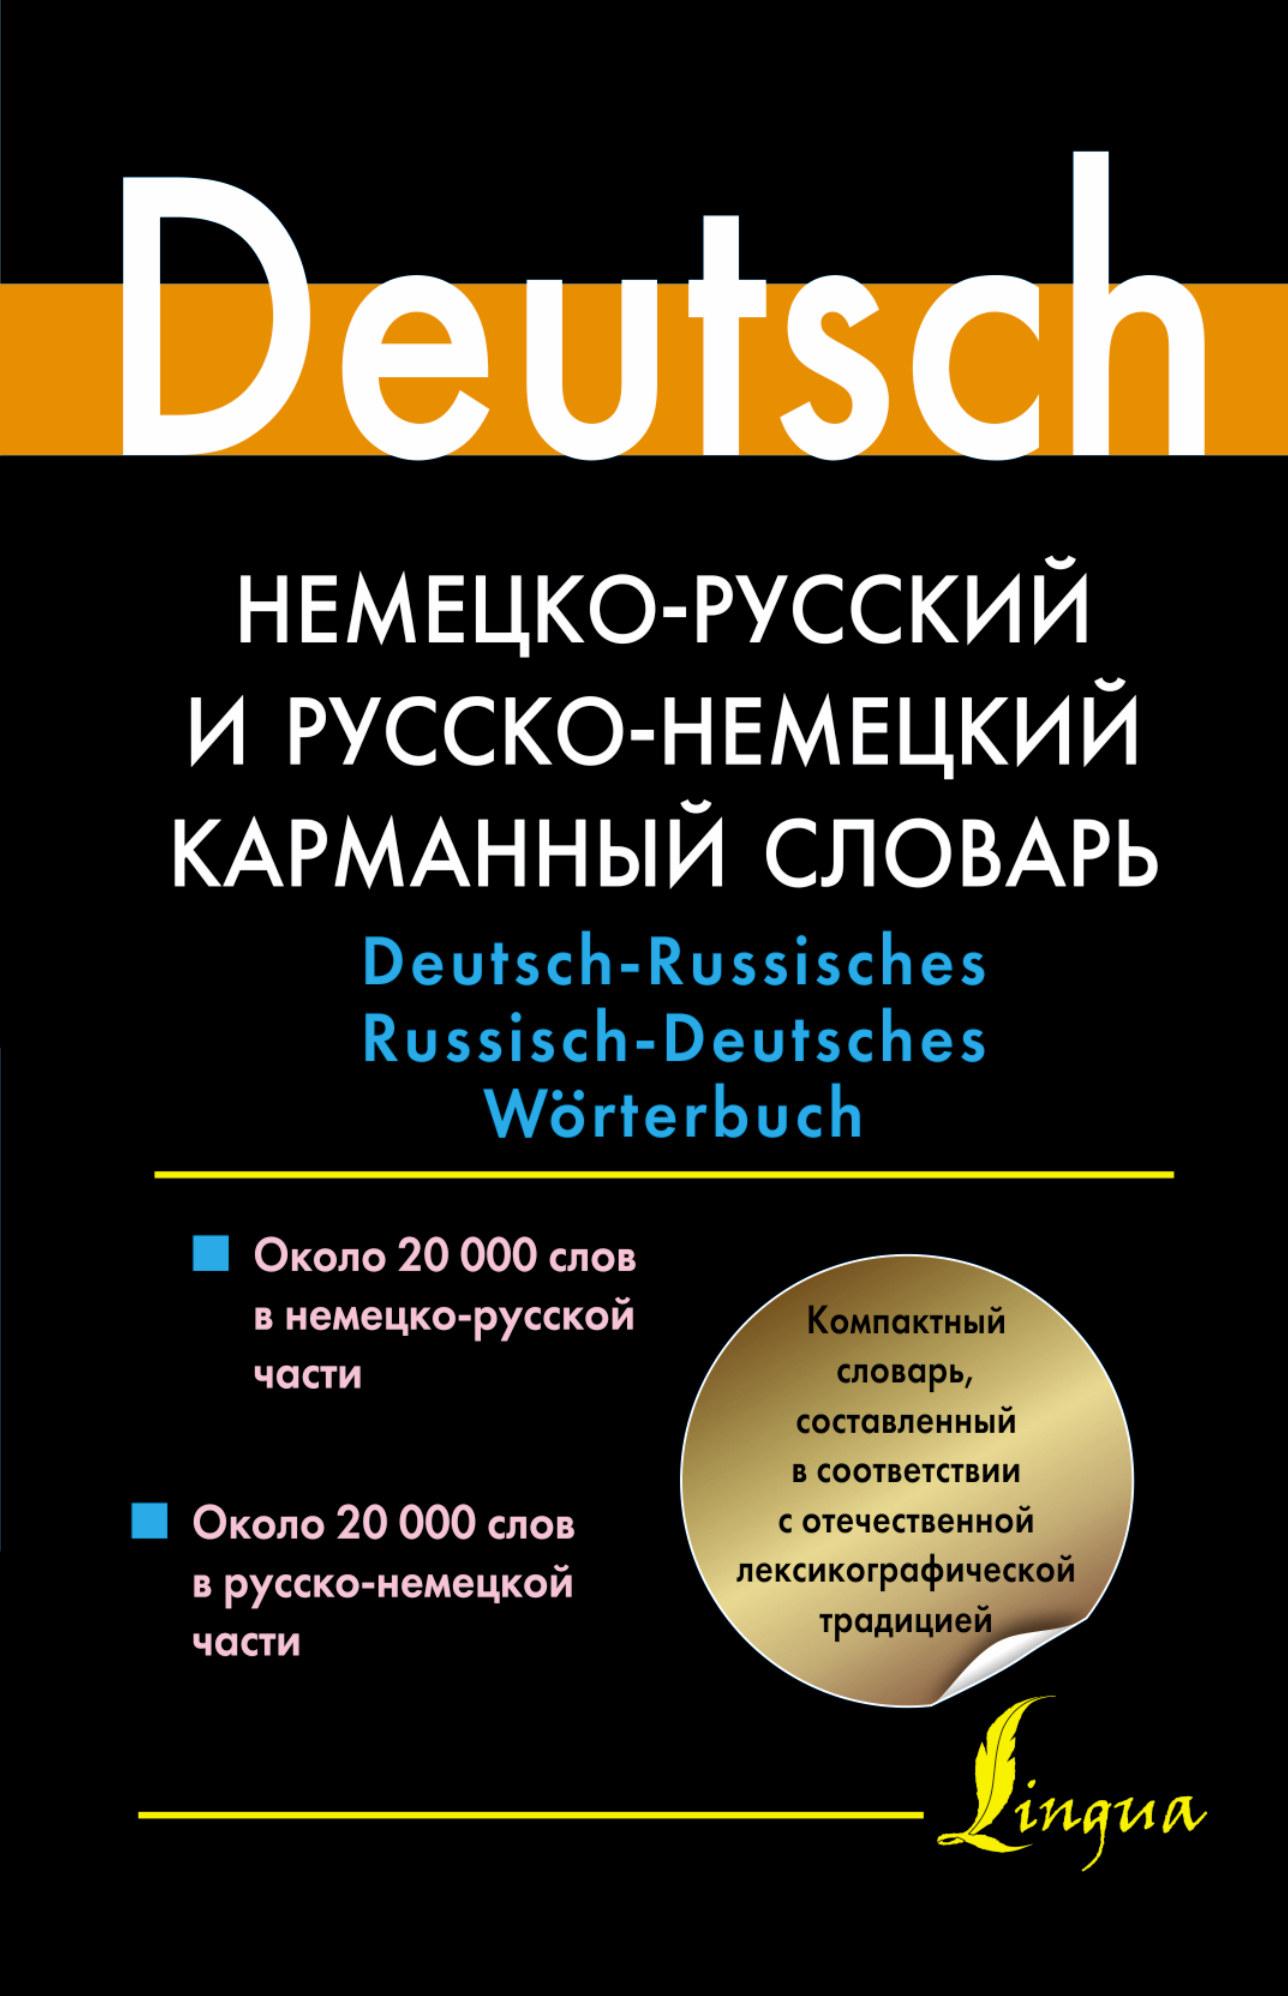 Немецко-русский и русско-немецкий карманный словарь